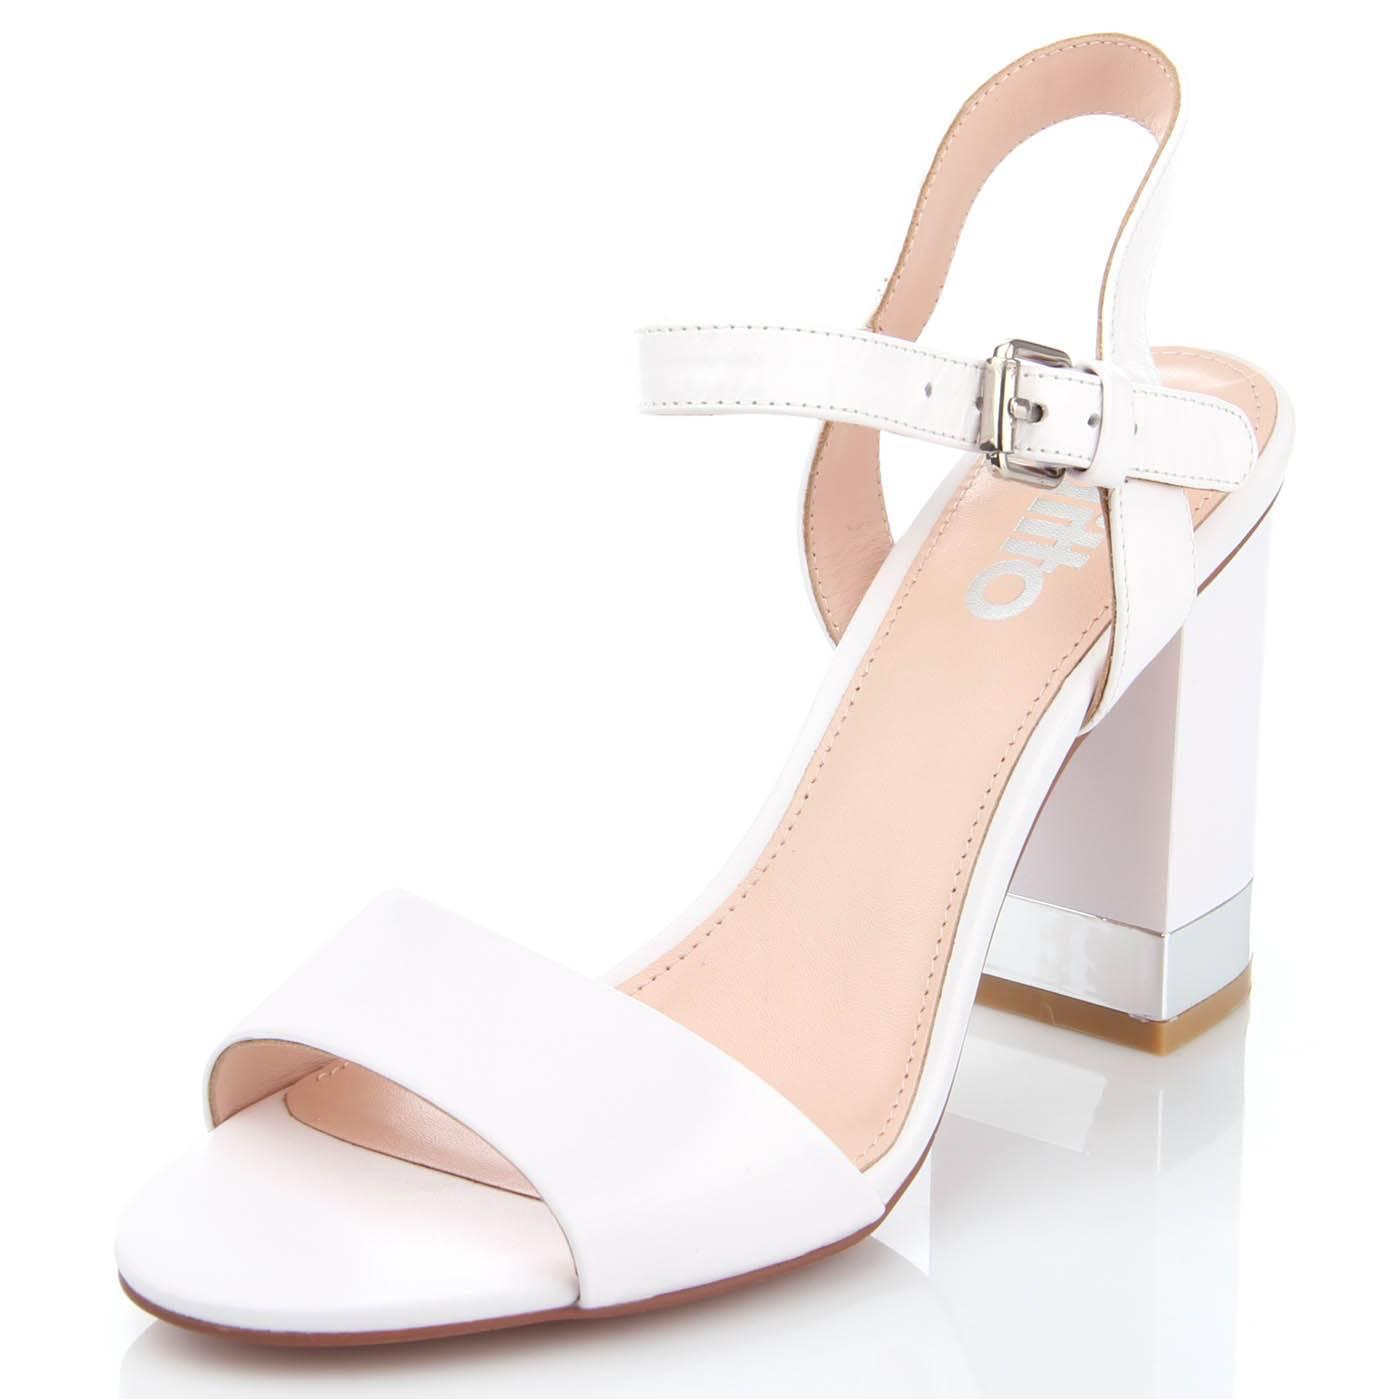 Босоніжки жіночі ditto 6751 Білий купить по выгодной цене в интернет ... eaf2fa48fc20b